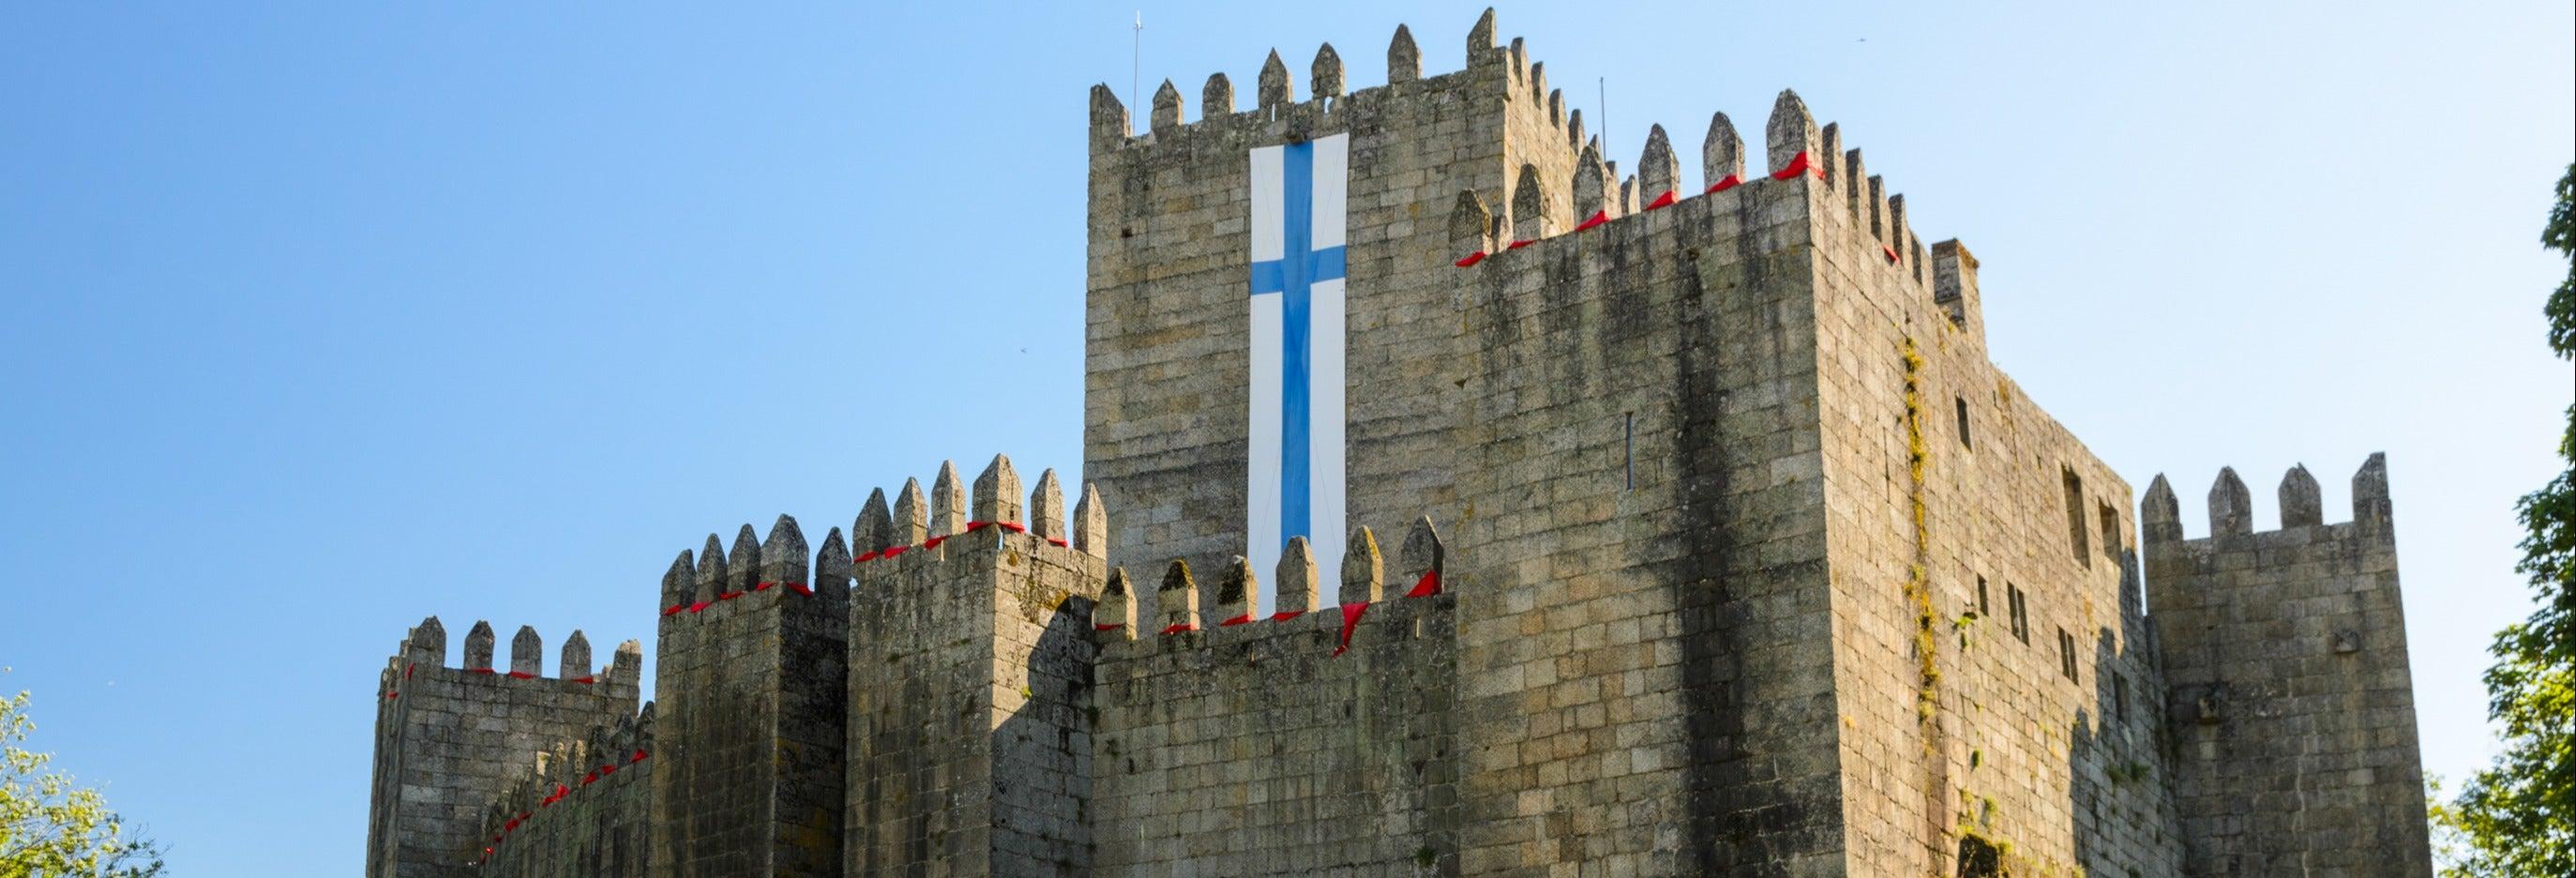 Excursión a Guimarães